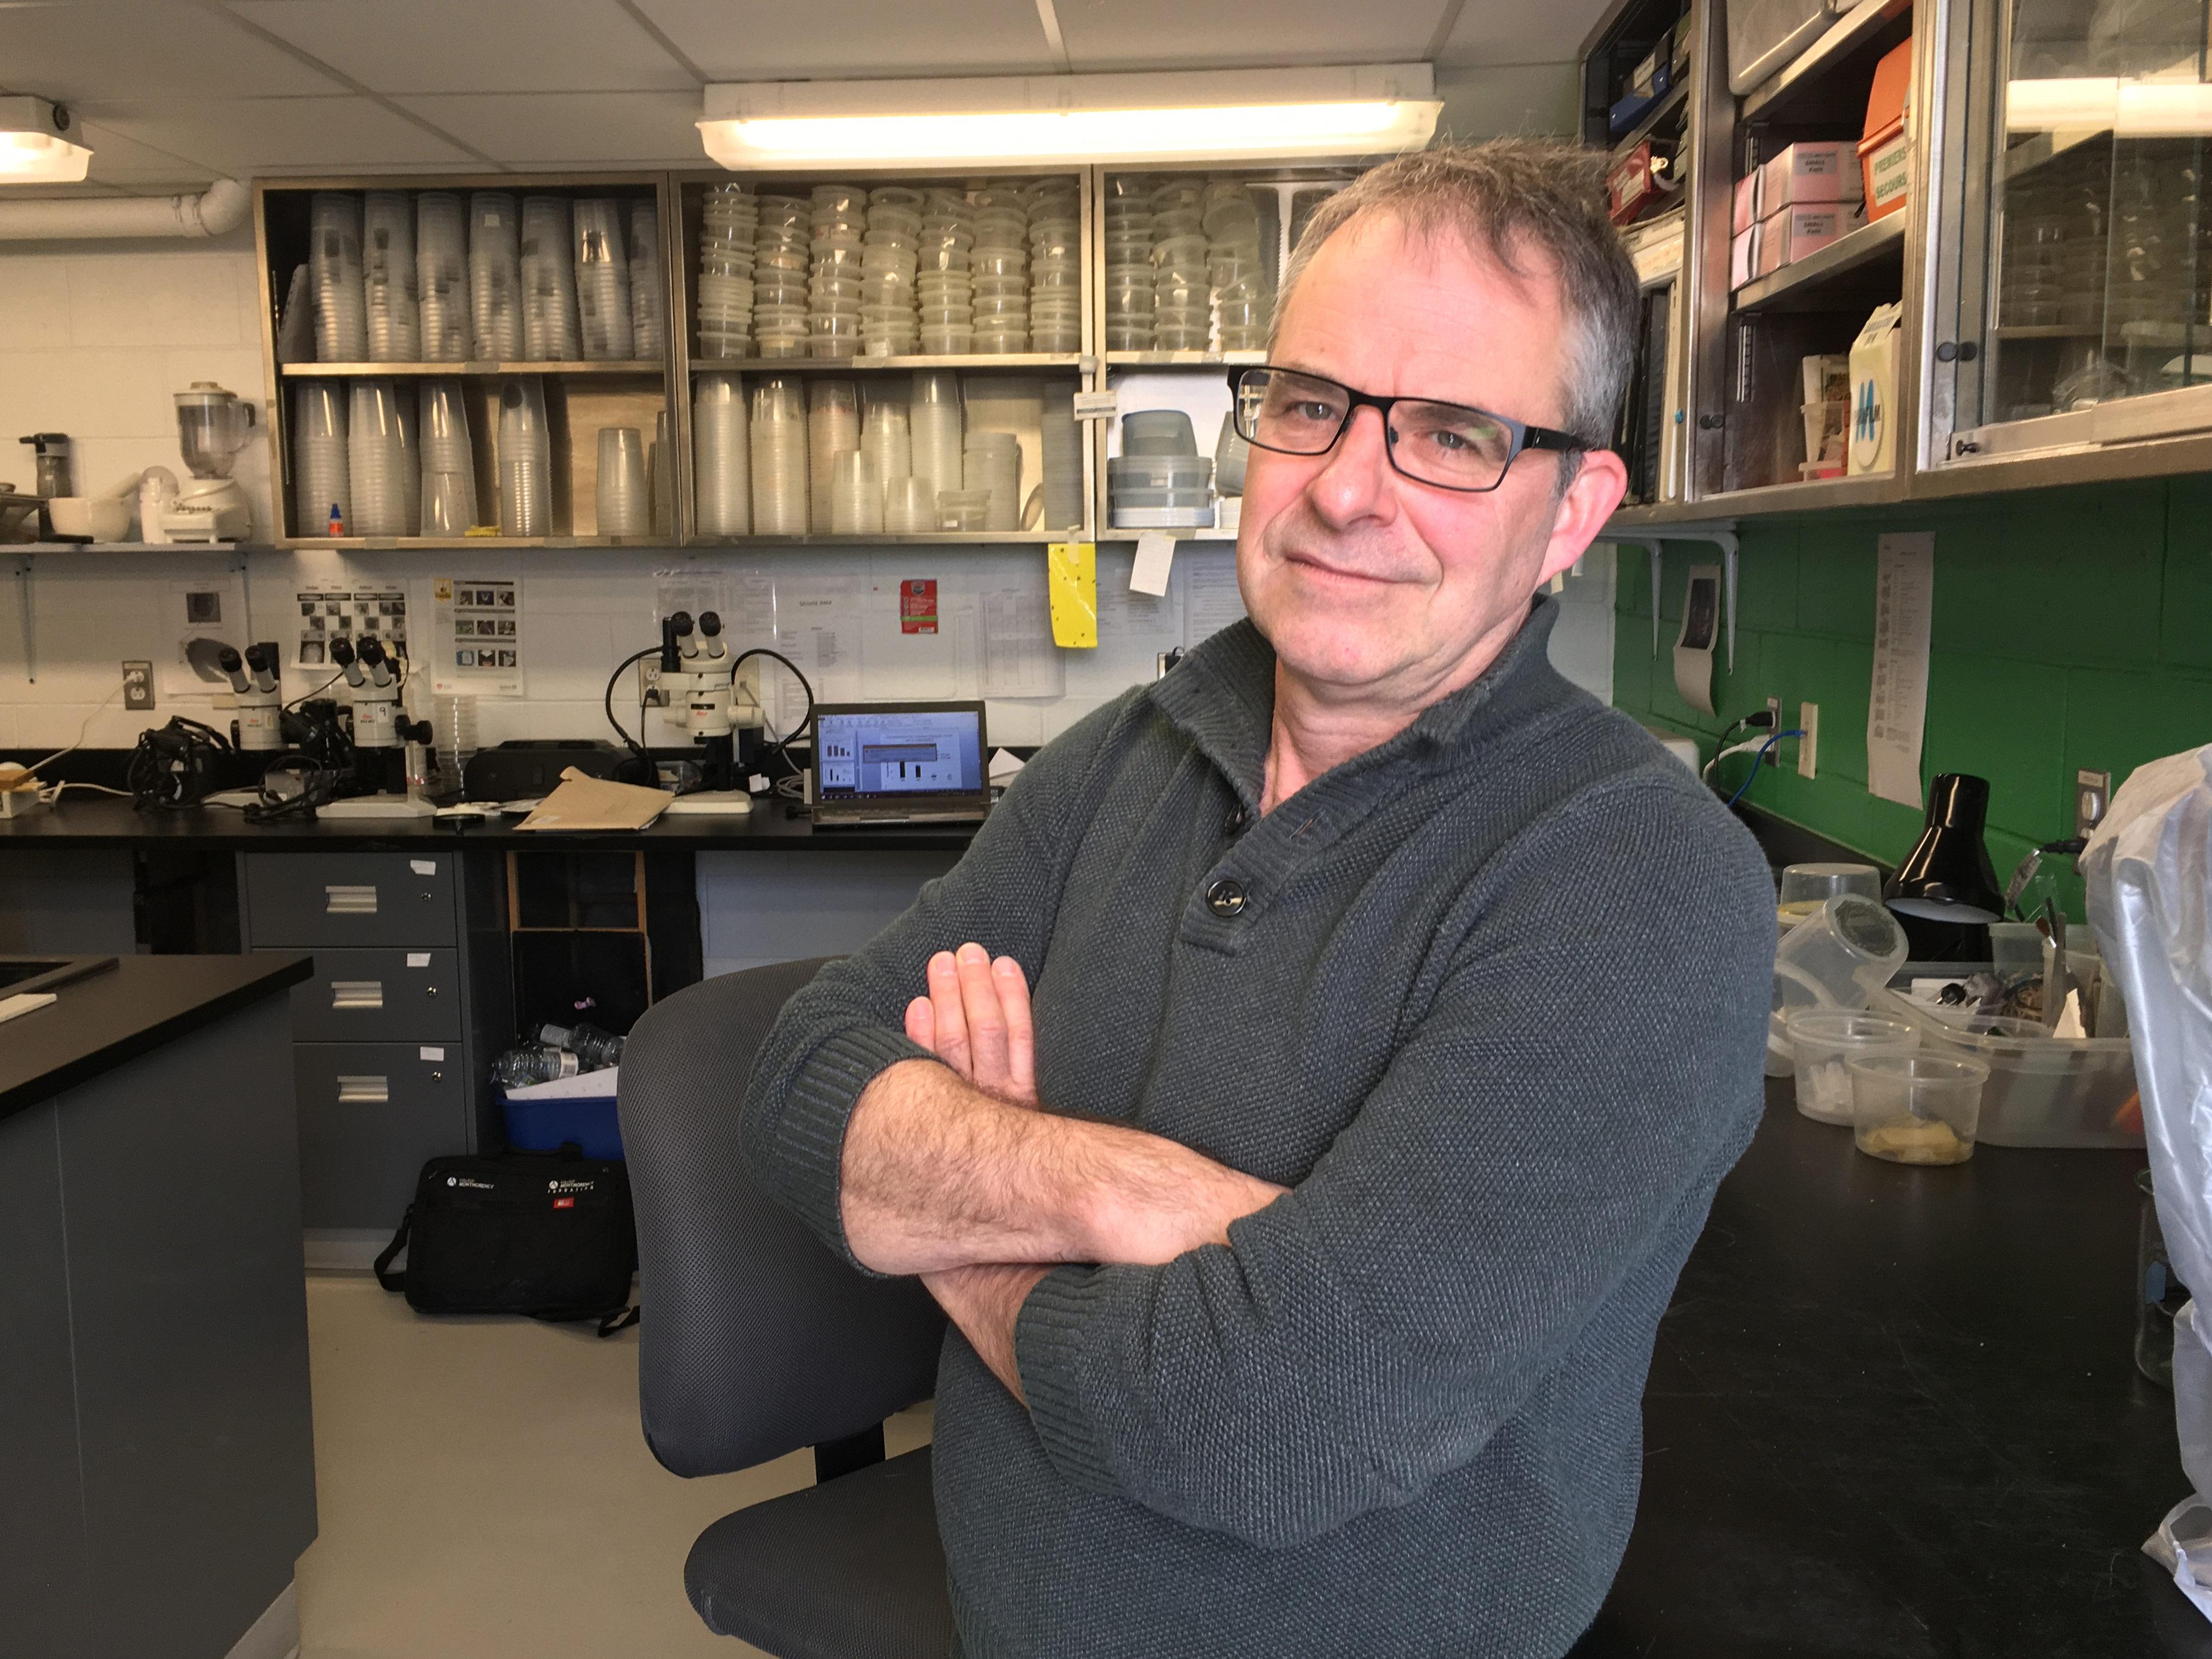 Le consortium PRISME, auquel le professeur de biologie François Fournier collabore depuis plus de 12 ans, a obtenu une reconnaissance internationale lors d'un important symposium en lutte intégrée, le International IPM Symposium.